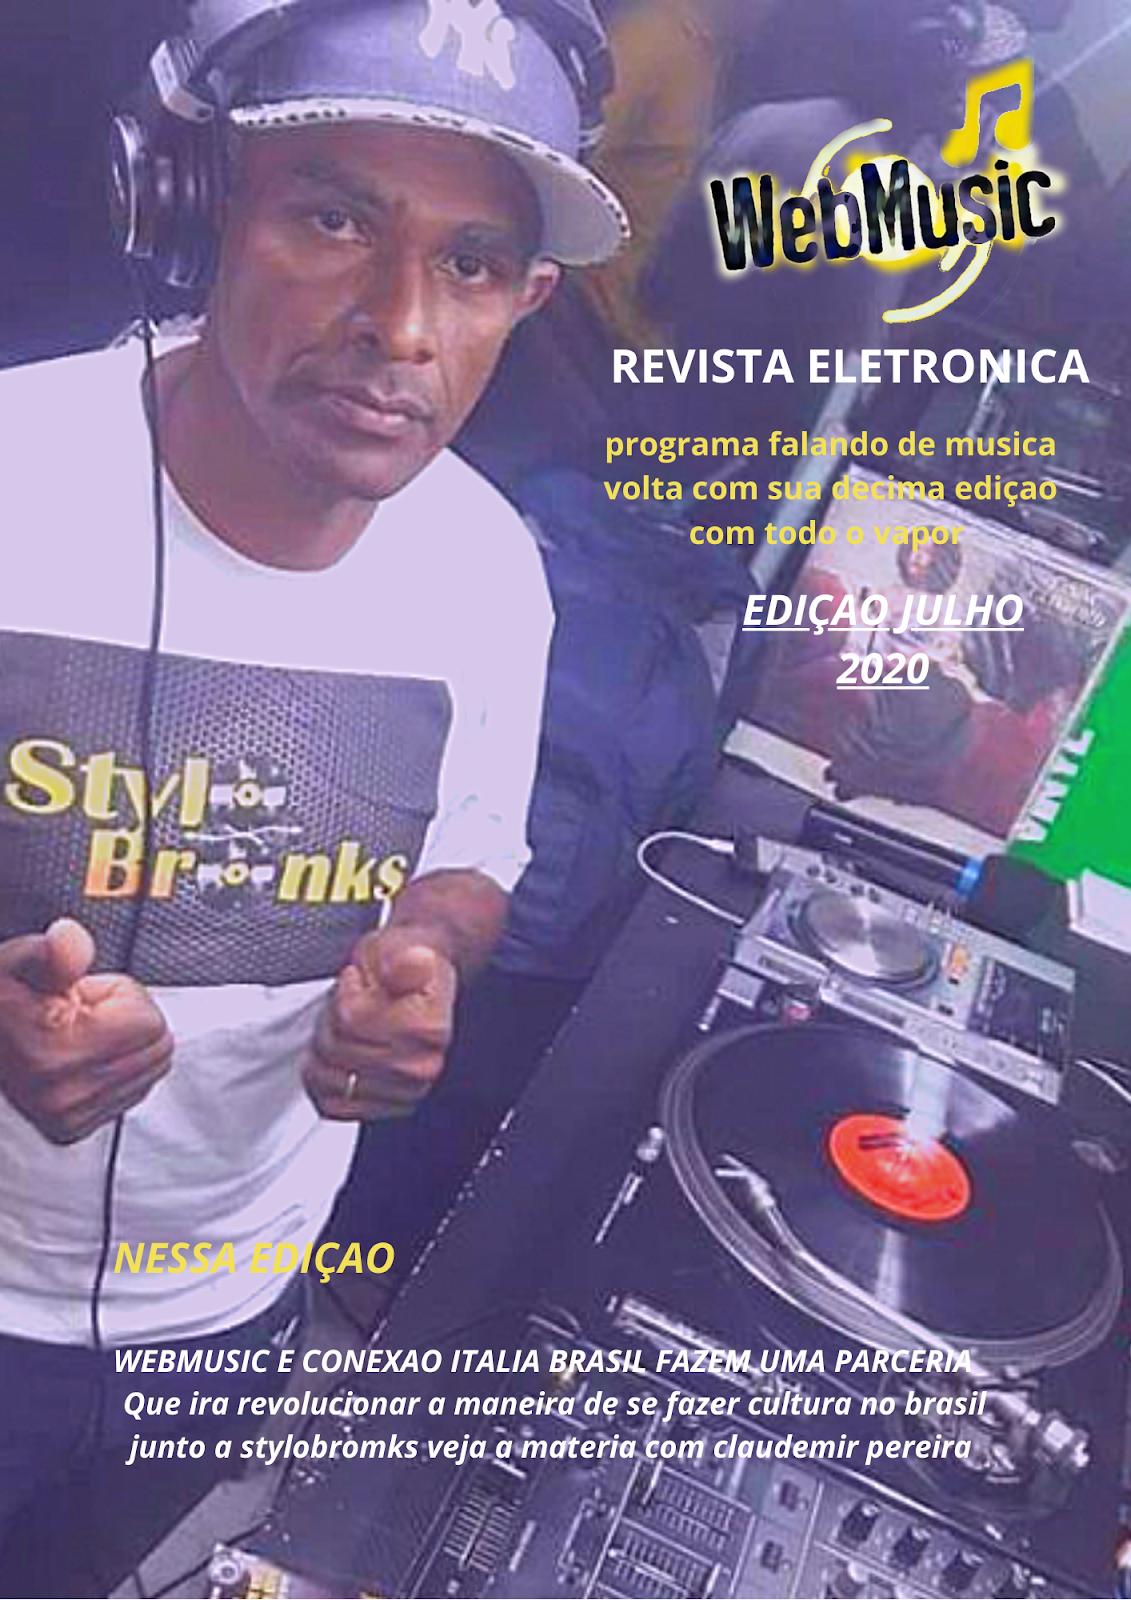 webmusic revista eletronica